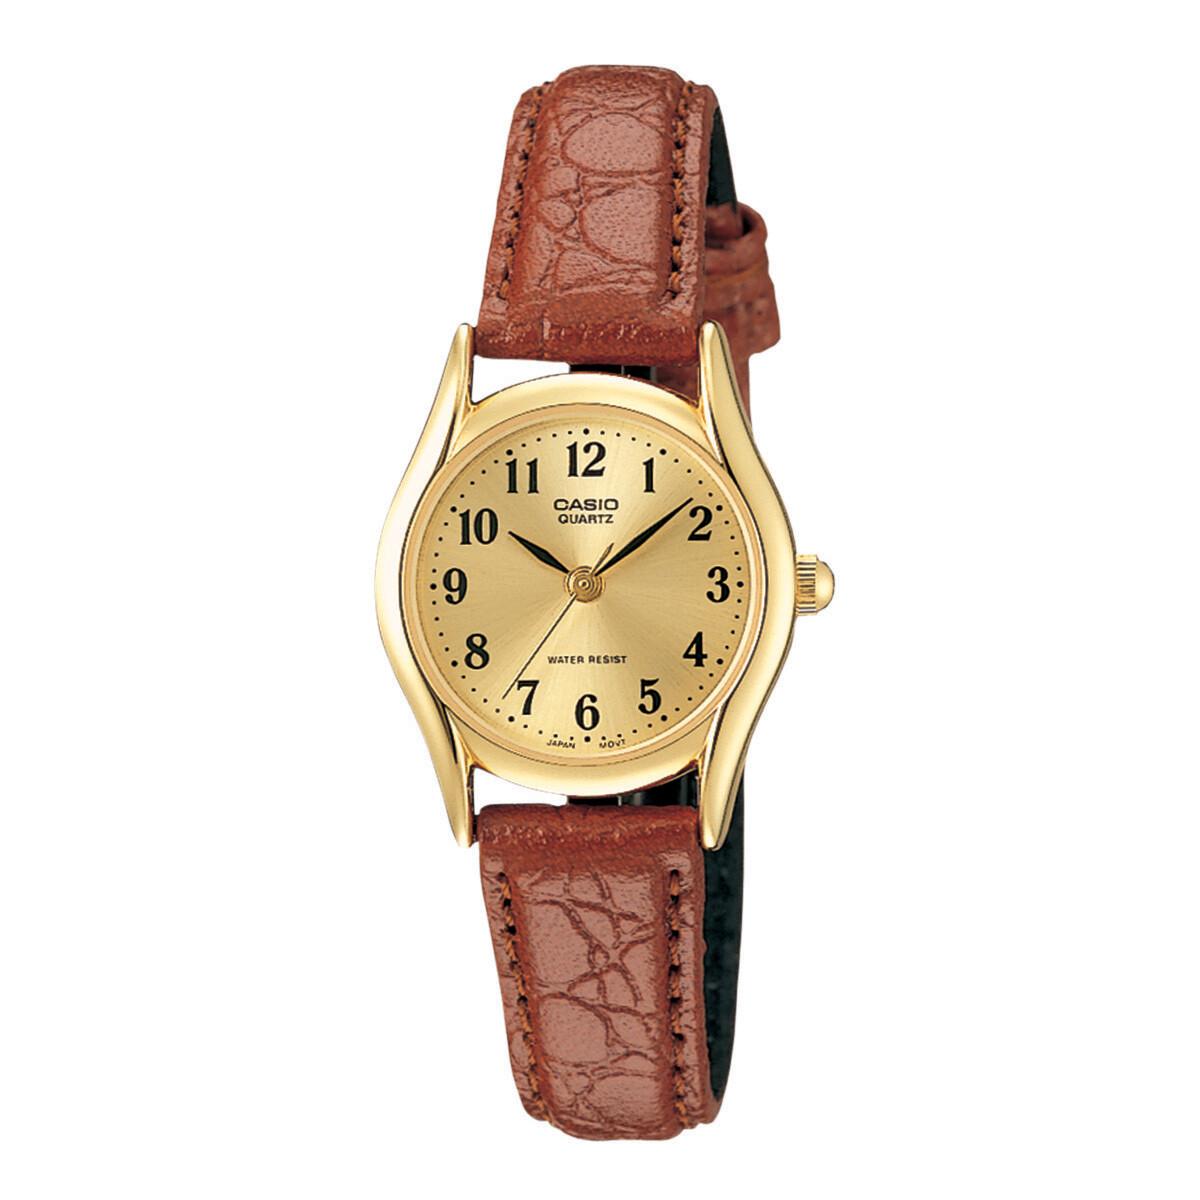 Casio Enticer Ladies LTP-1094Q-9BRDF Analog Watch for Women